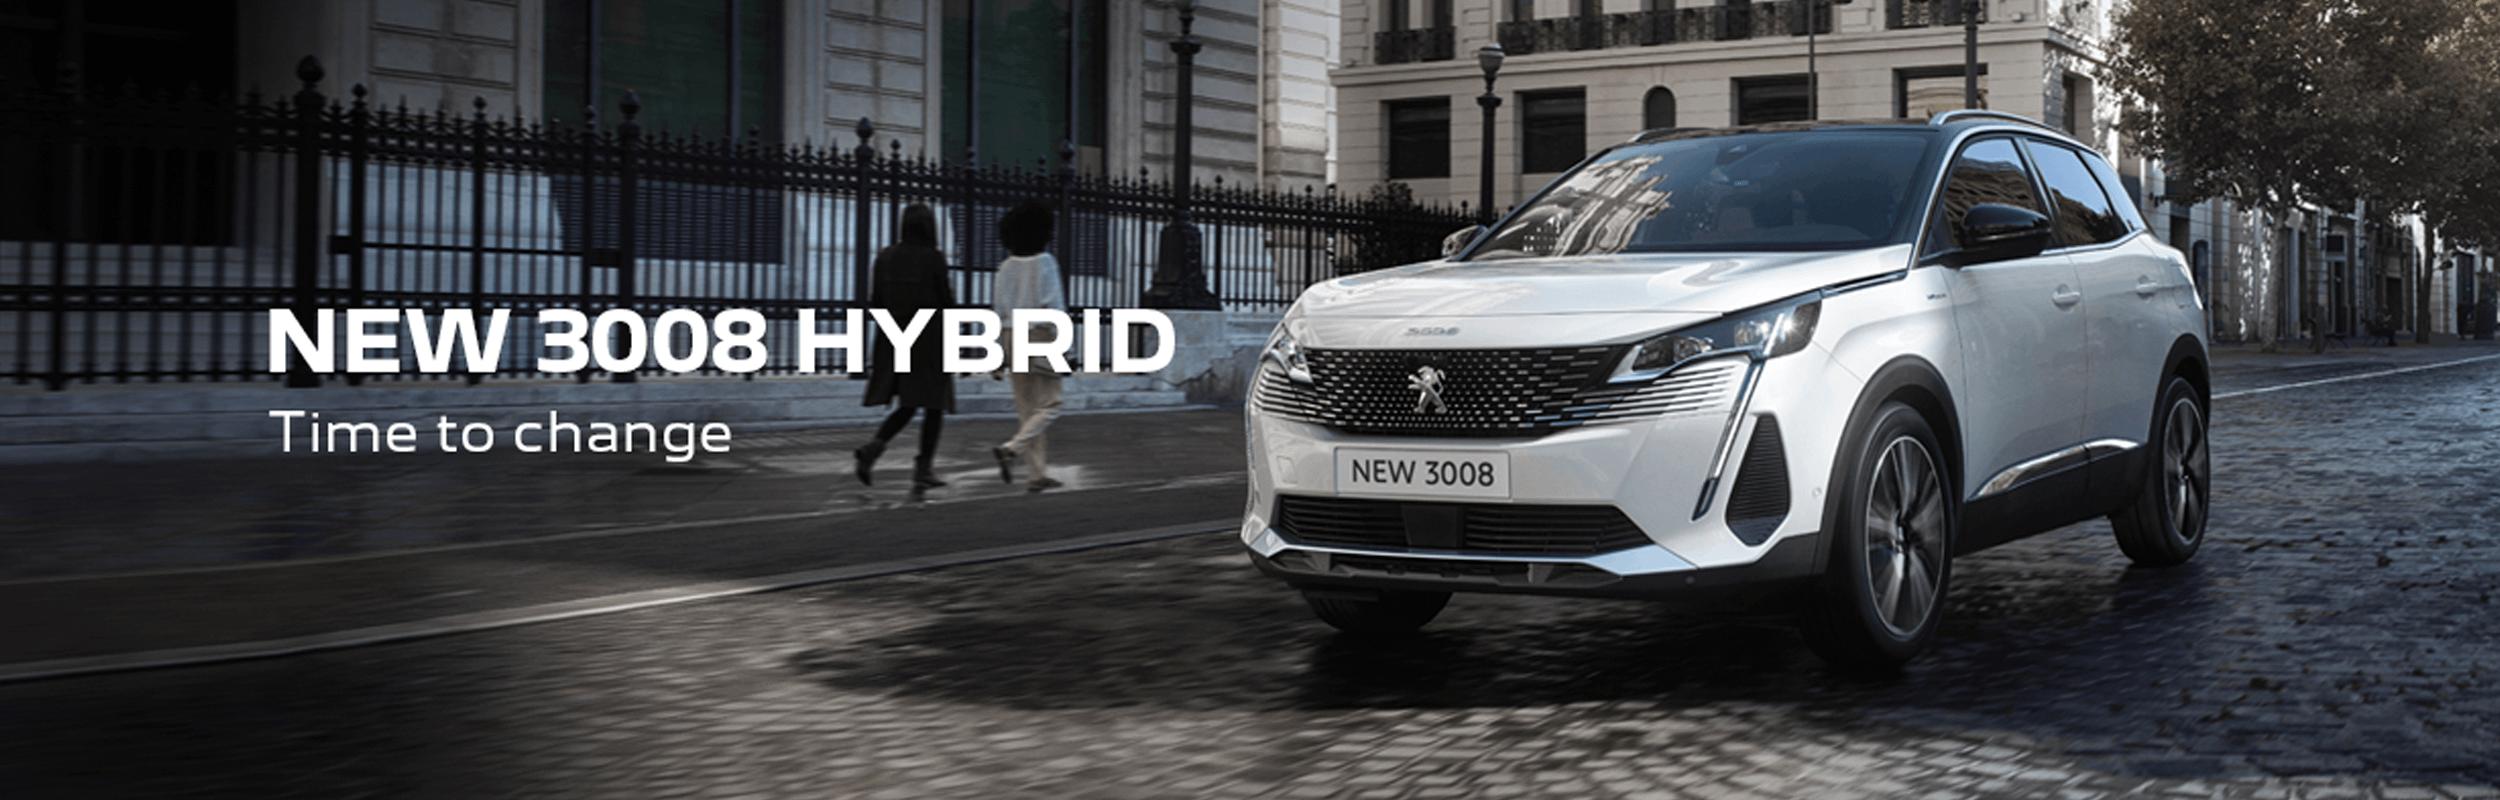 New Peugeot 3008 Hybrid